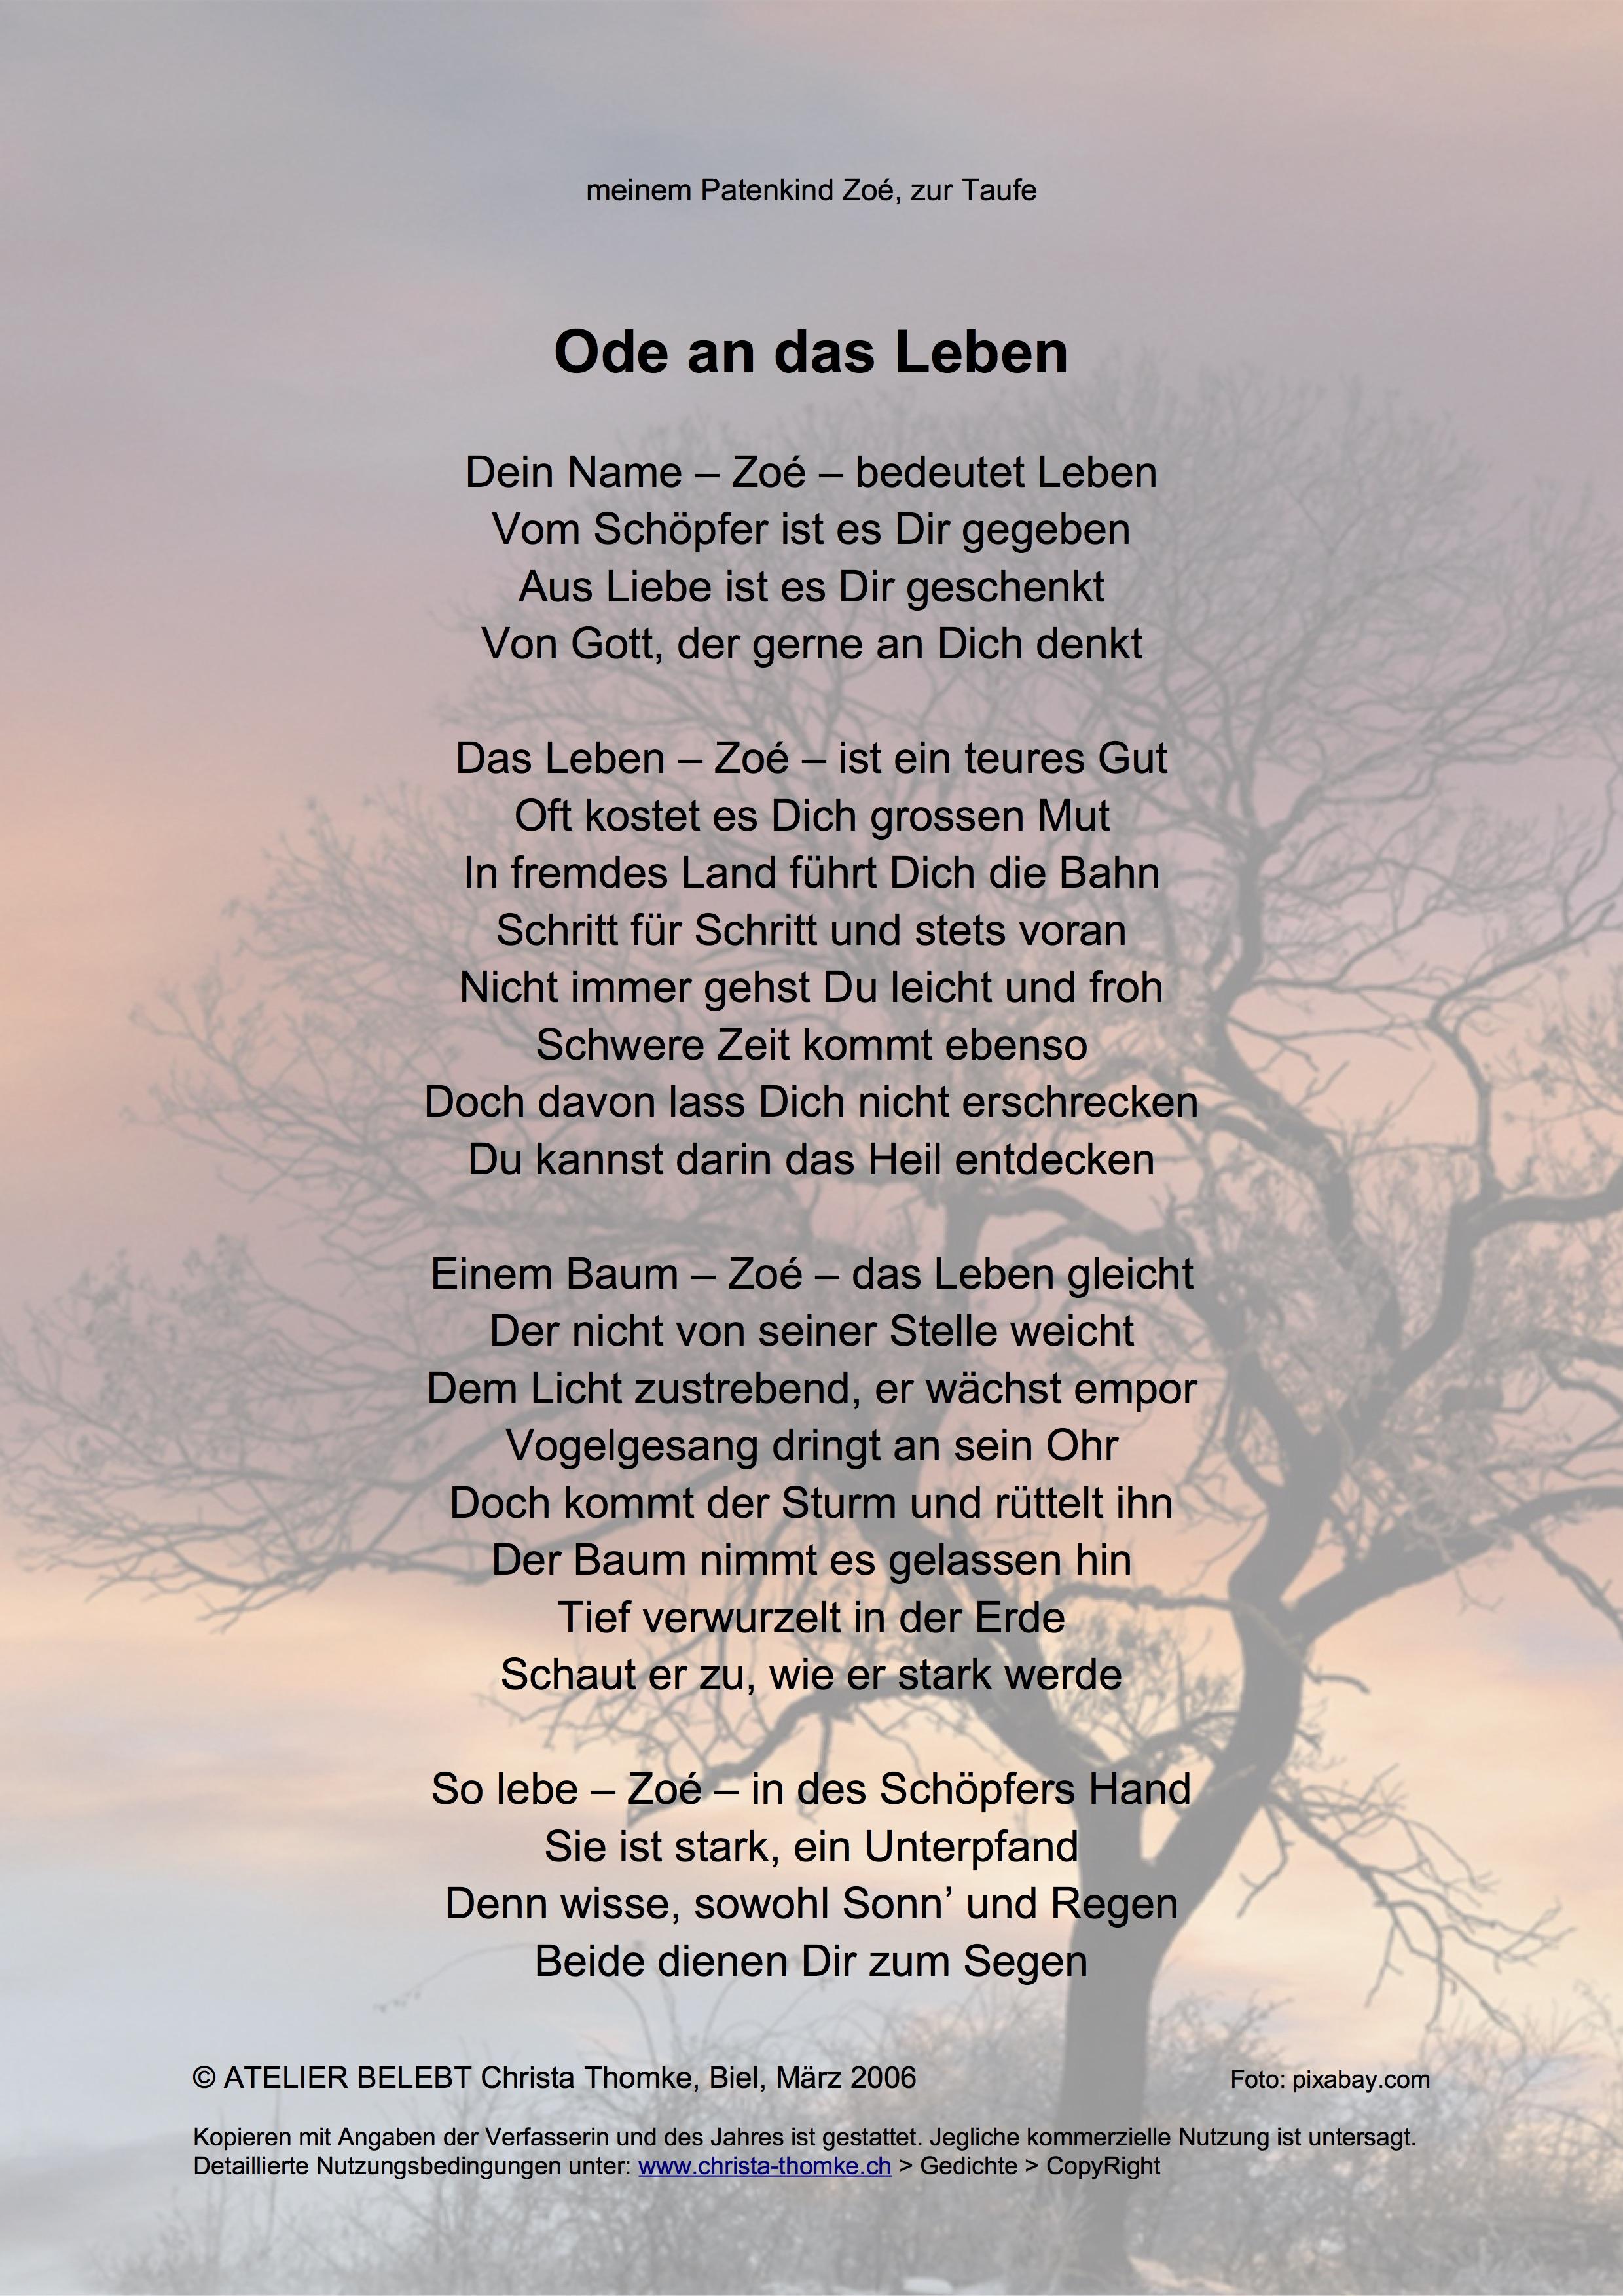 Ode an das Leben / @ Christa Thomke